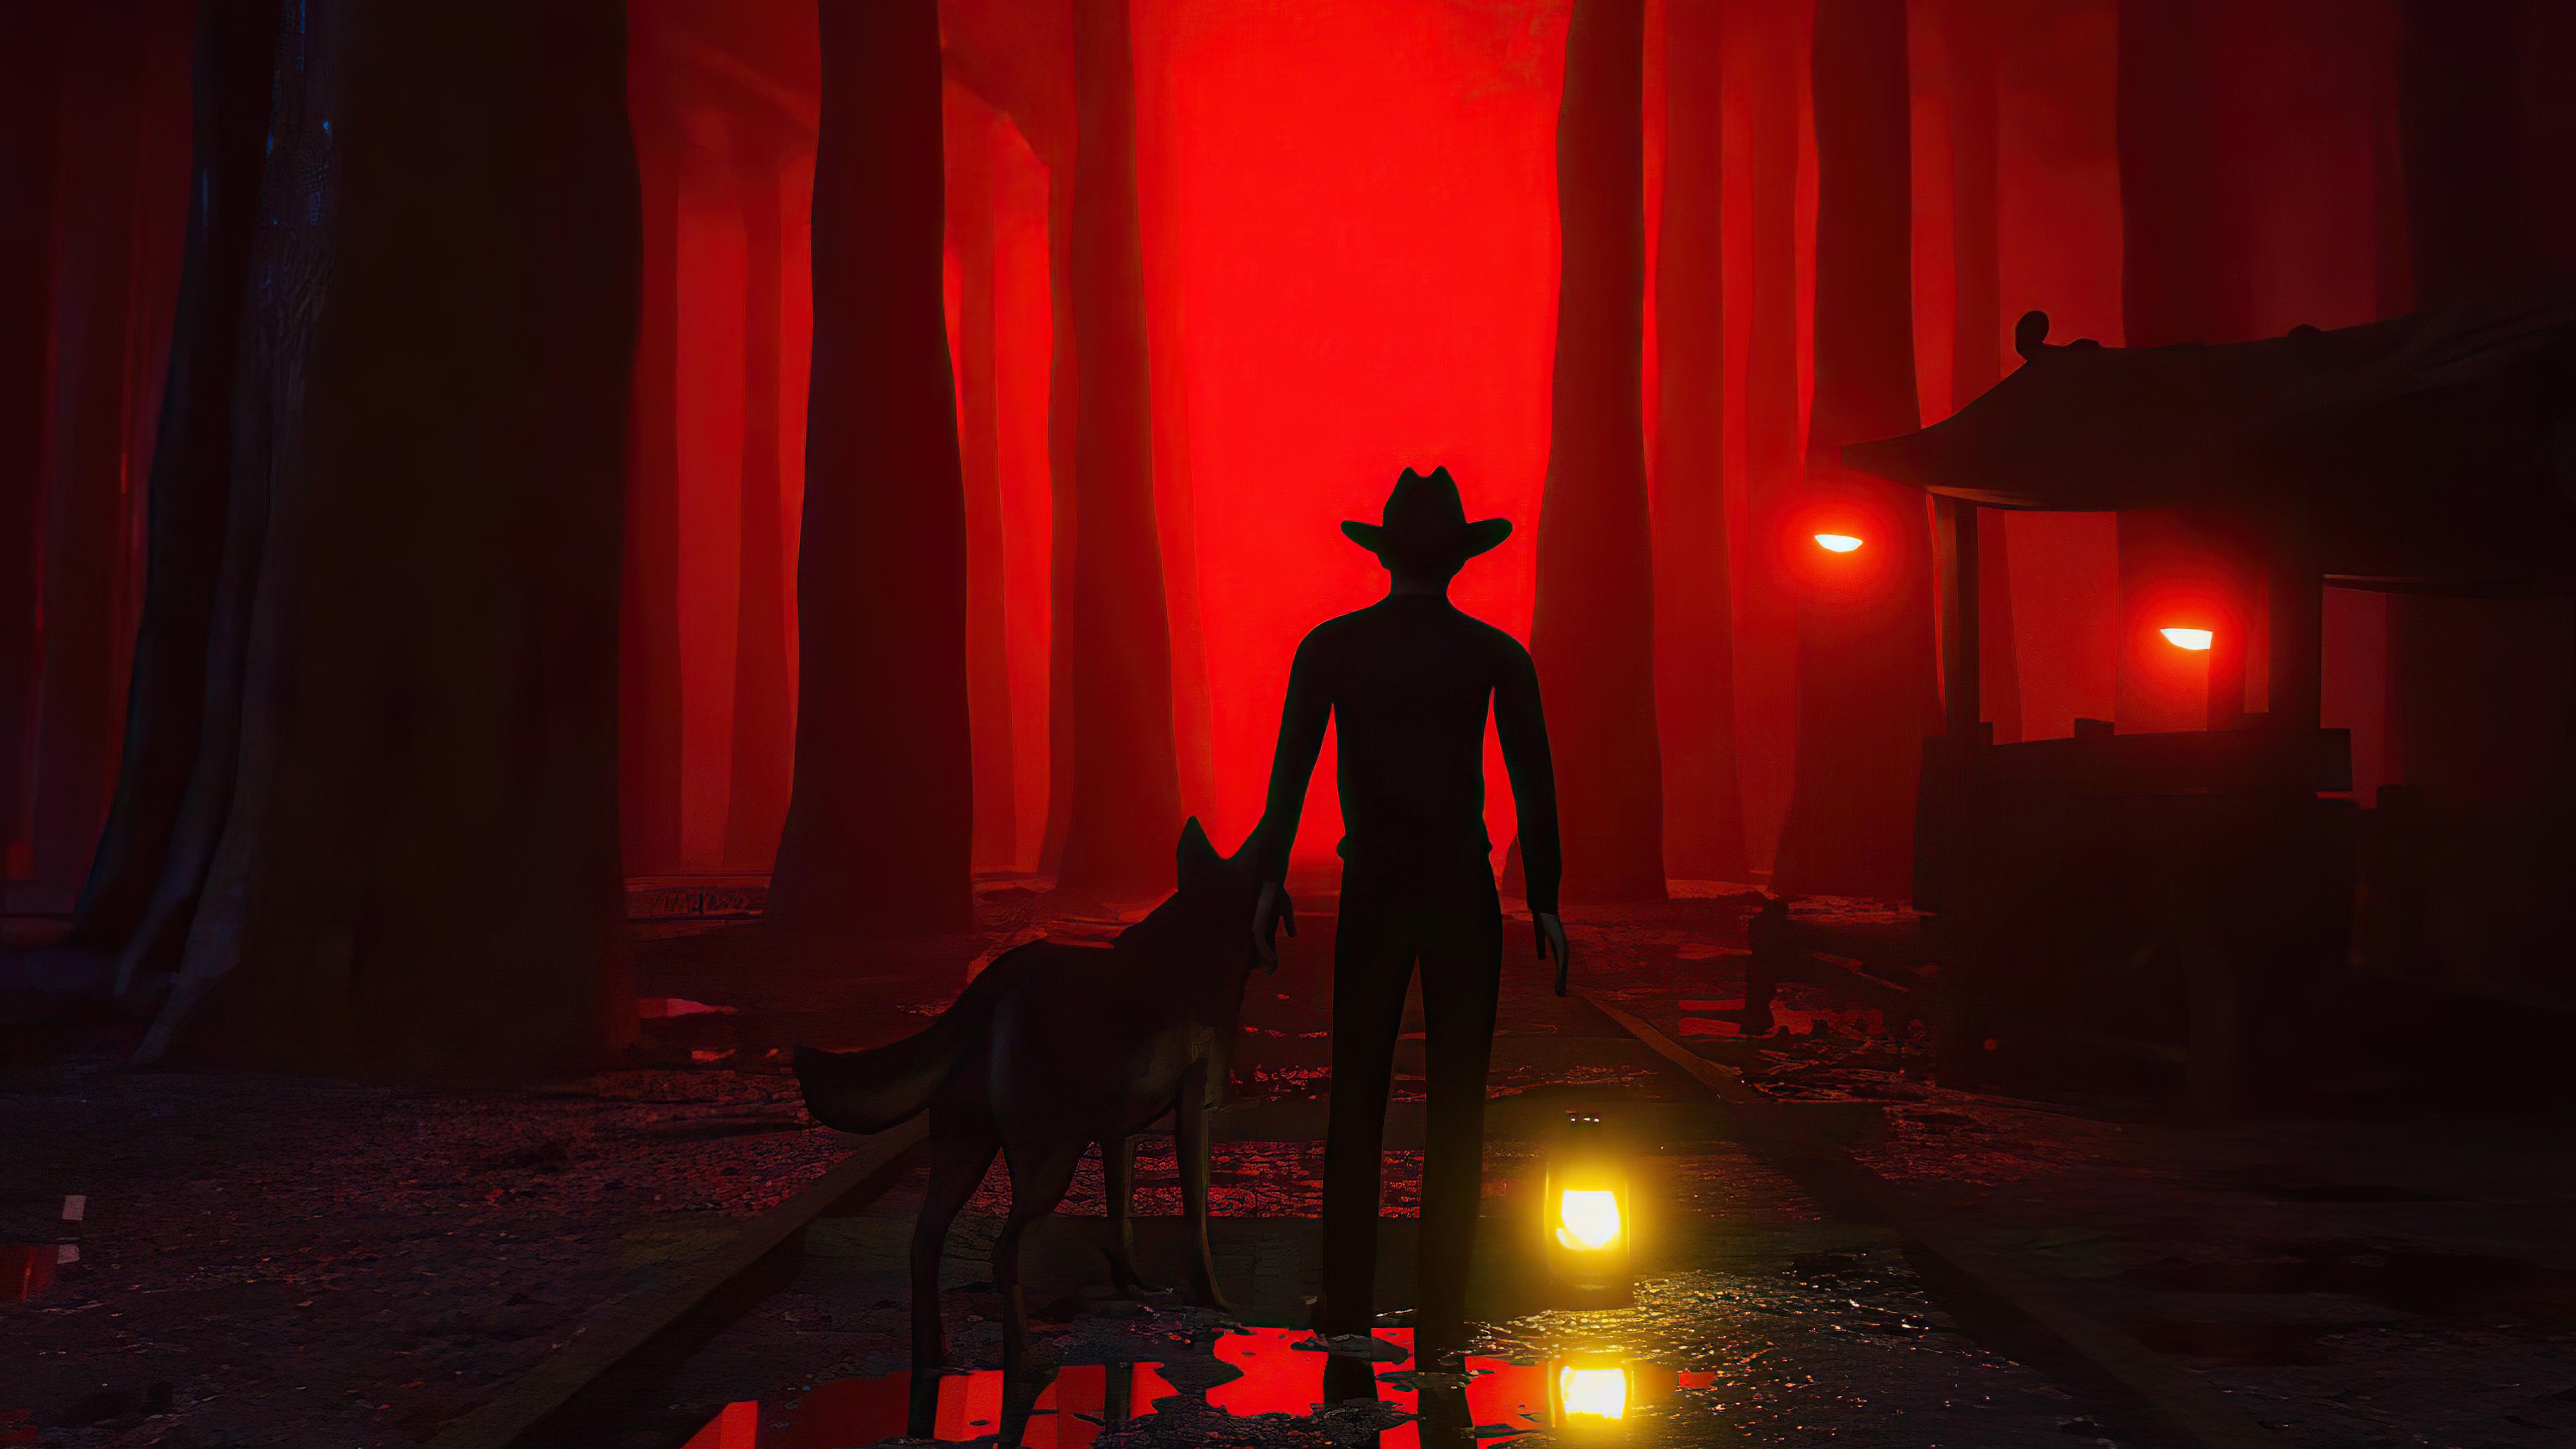 fearless cowboy 4k 1620166188 - Fearless Cowboy 4k - Fearless Cowboy 4k wallpapers